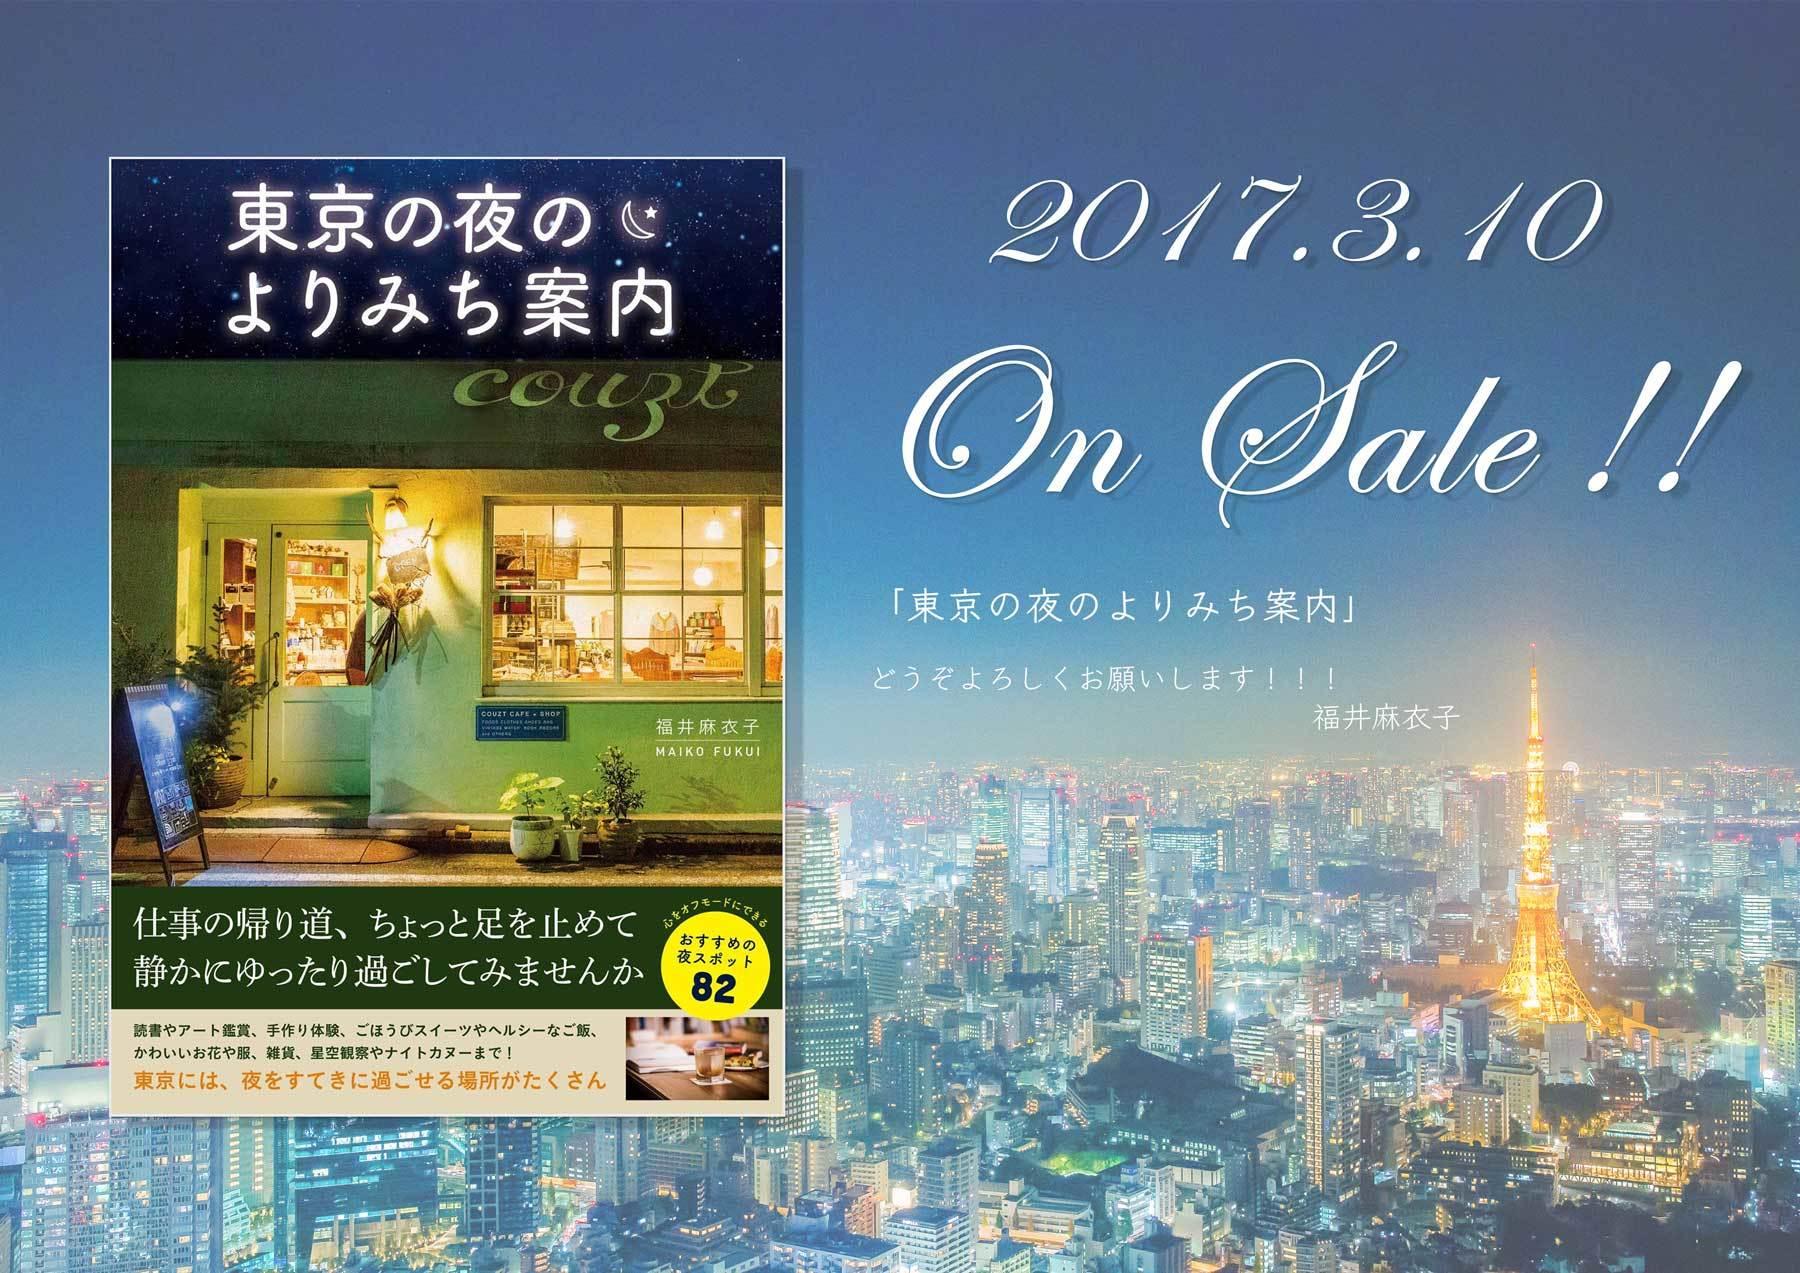 【書籍出版のお知らせ〜東京の夜のよりみち案内〜】_b0127032_23323711.jpg